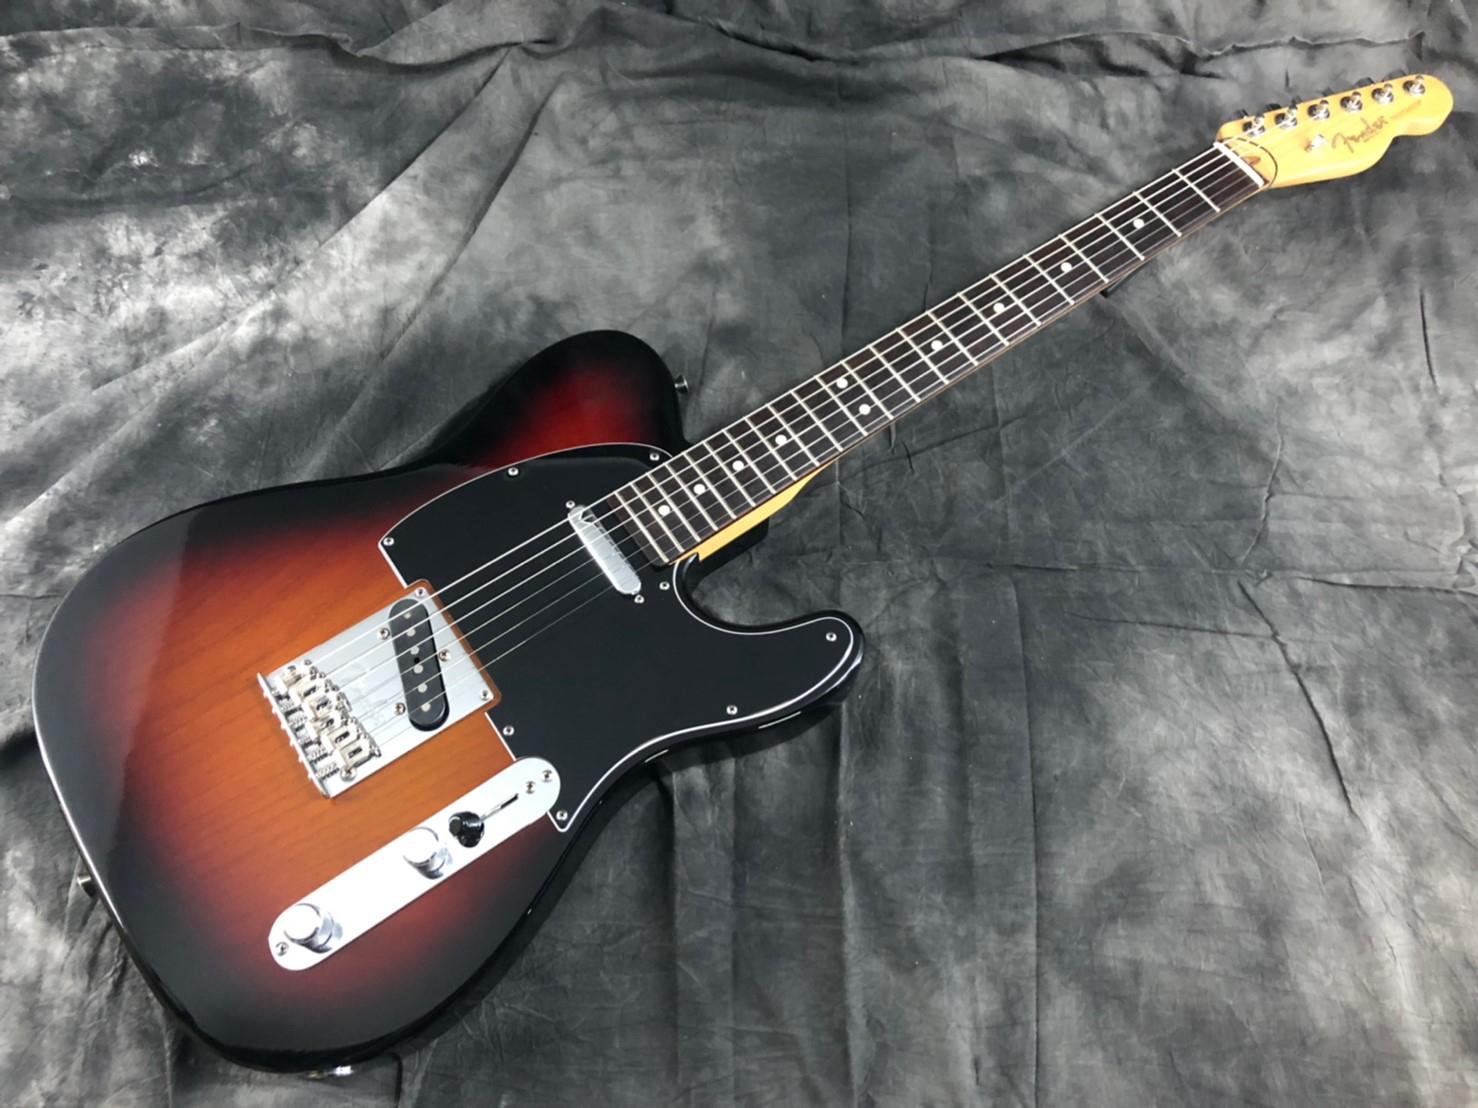 【楽器】入荷情報《Yamaha Sg3000 Custom Fender American Standard intended for Yamaha Singapore Calendar